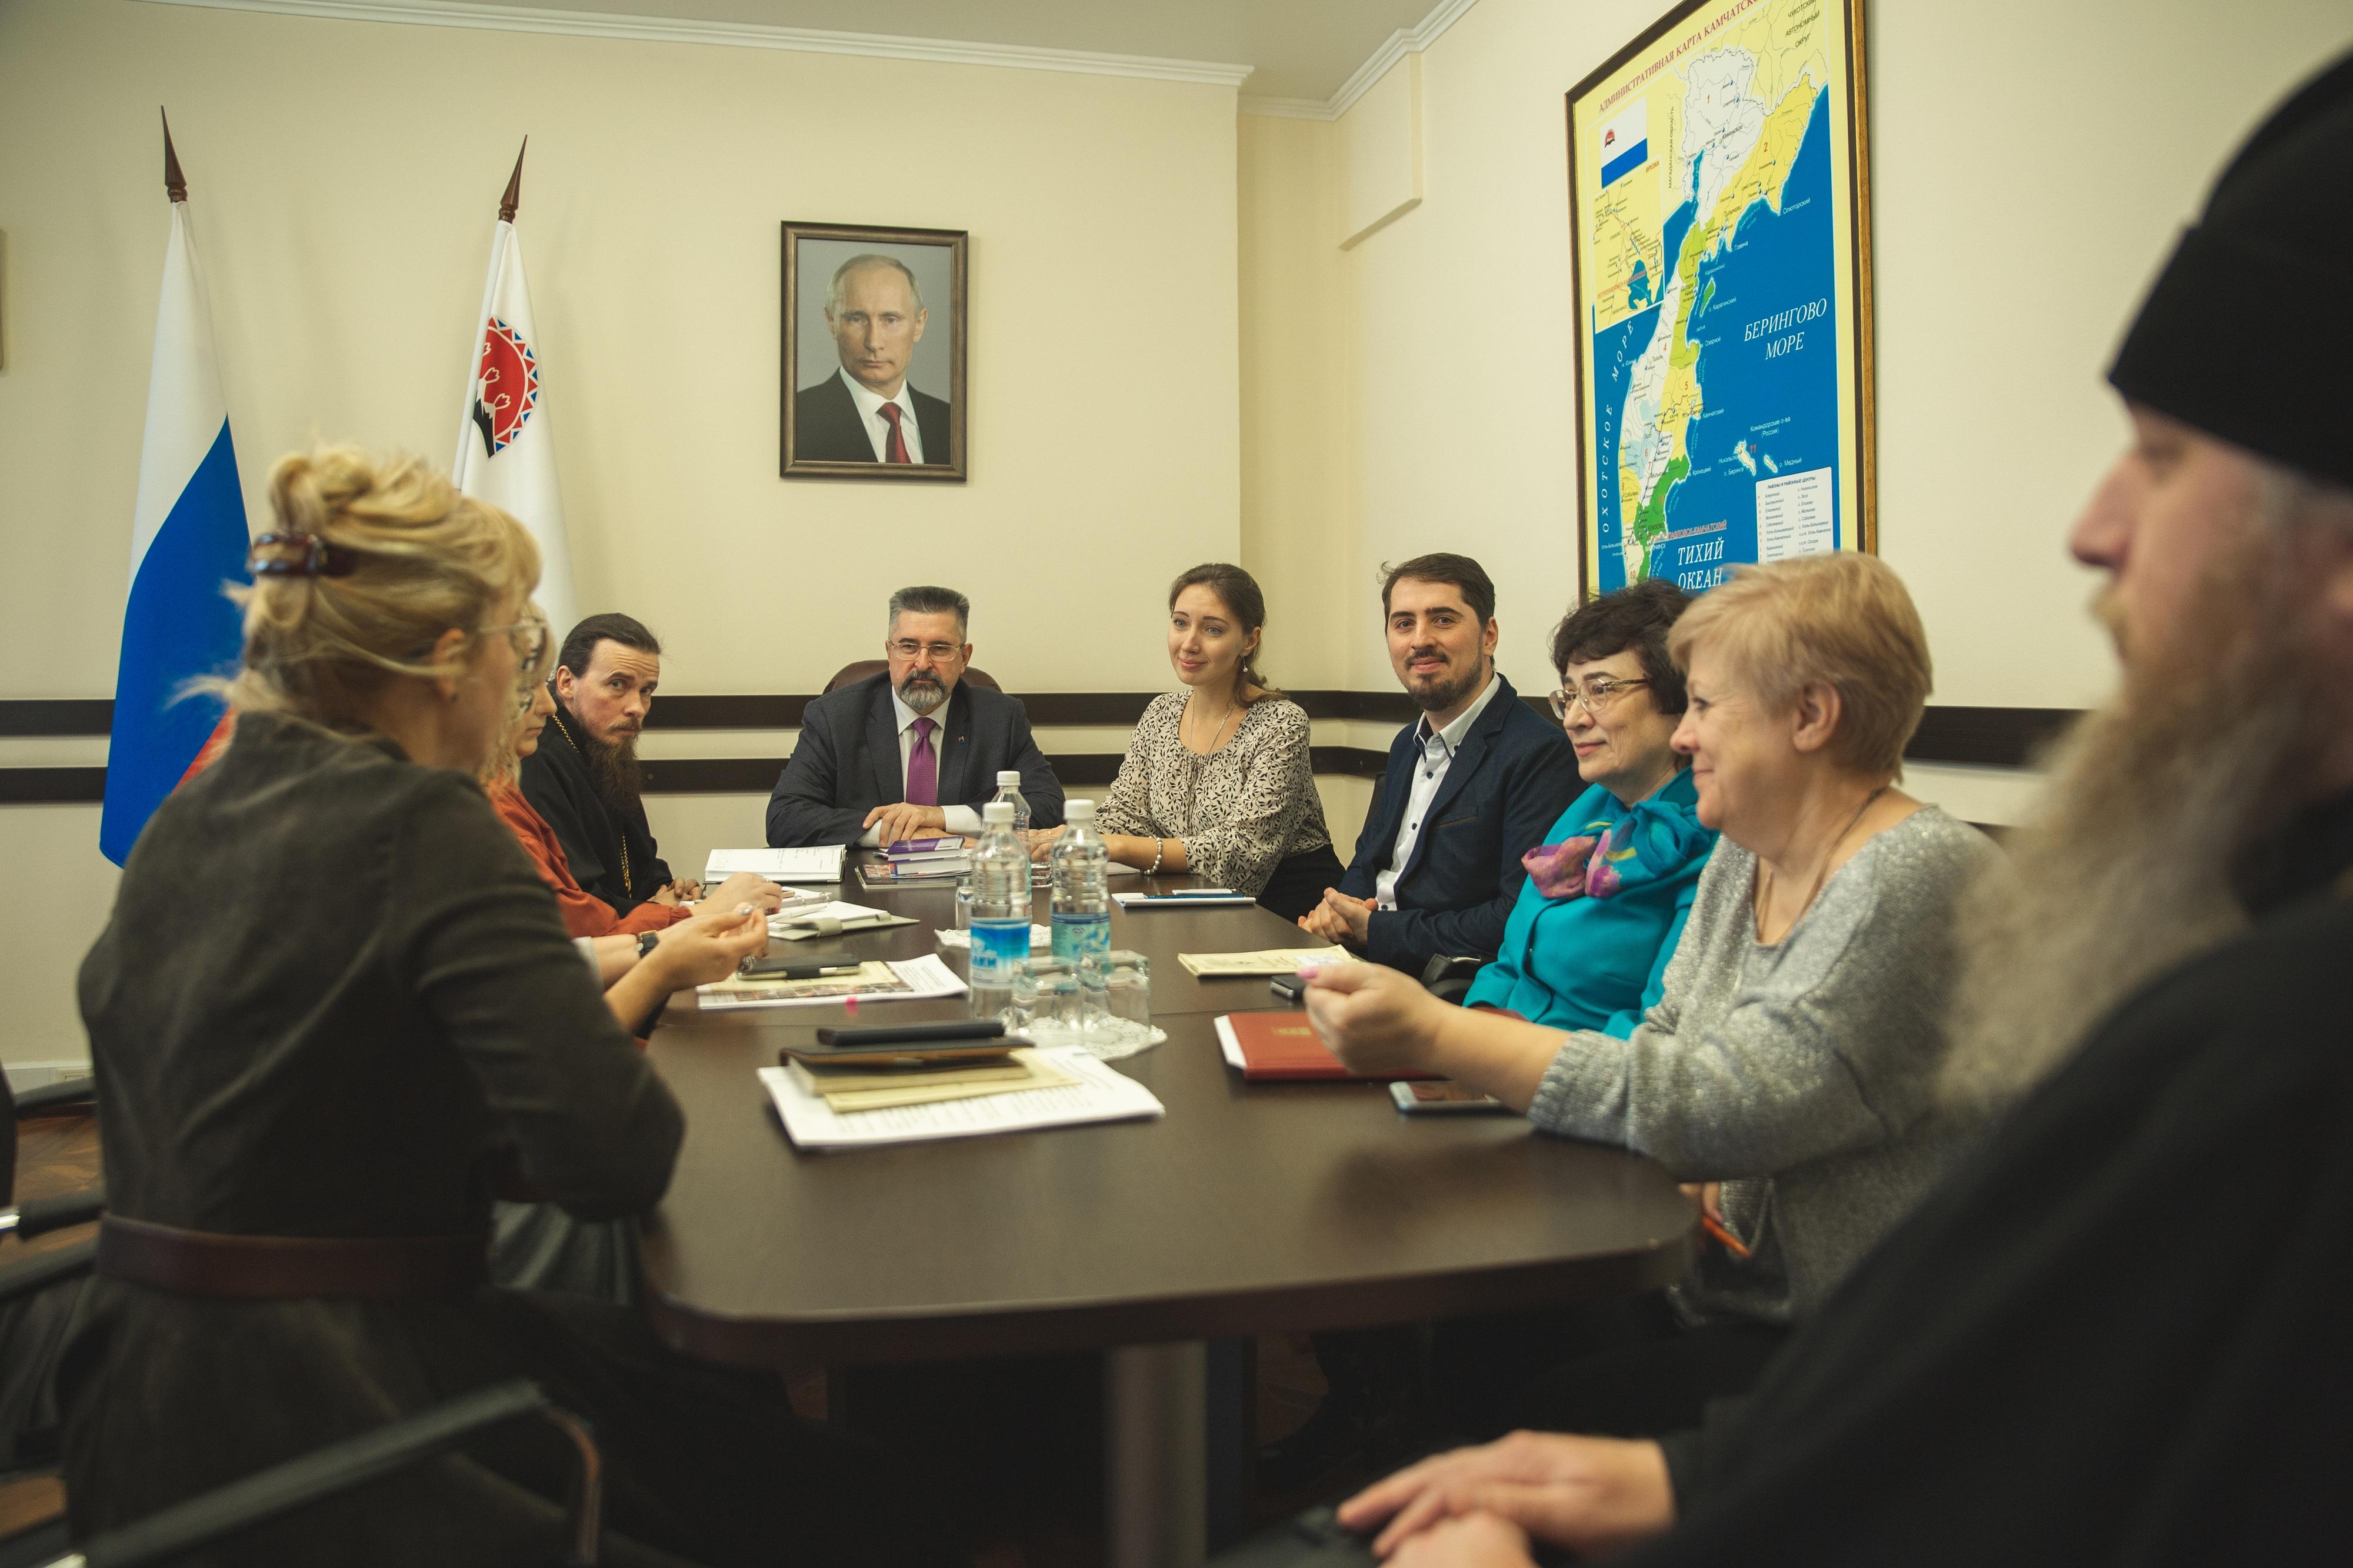 Представители Церкви и правительства Камчатки обсудили профилактику абортов в Камчатском крае